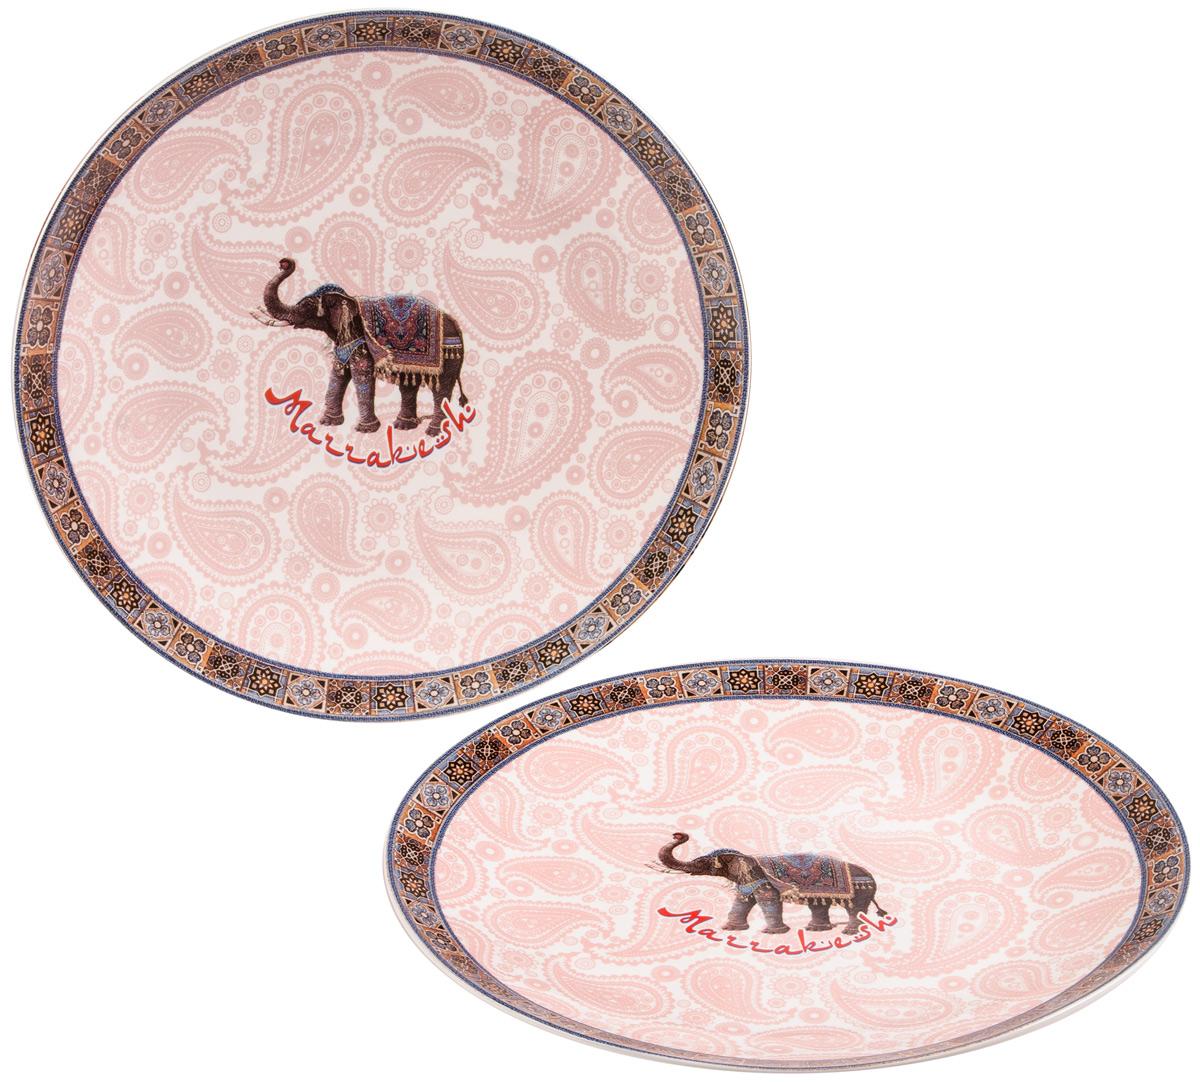 Набор тарелок Gift'n'Home Марракеш, диаметр 20 см, 2 шт human rights brought home